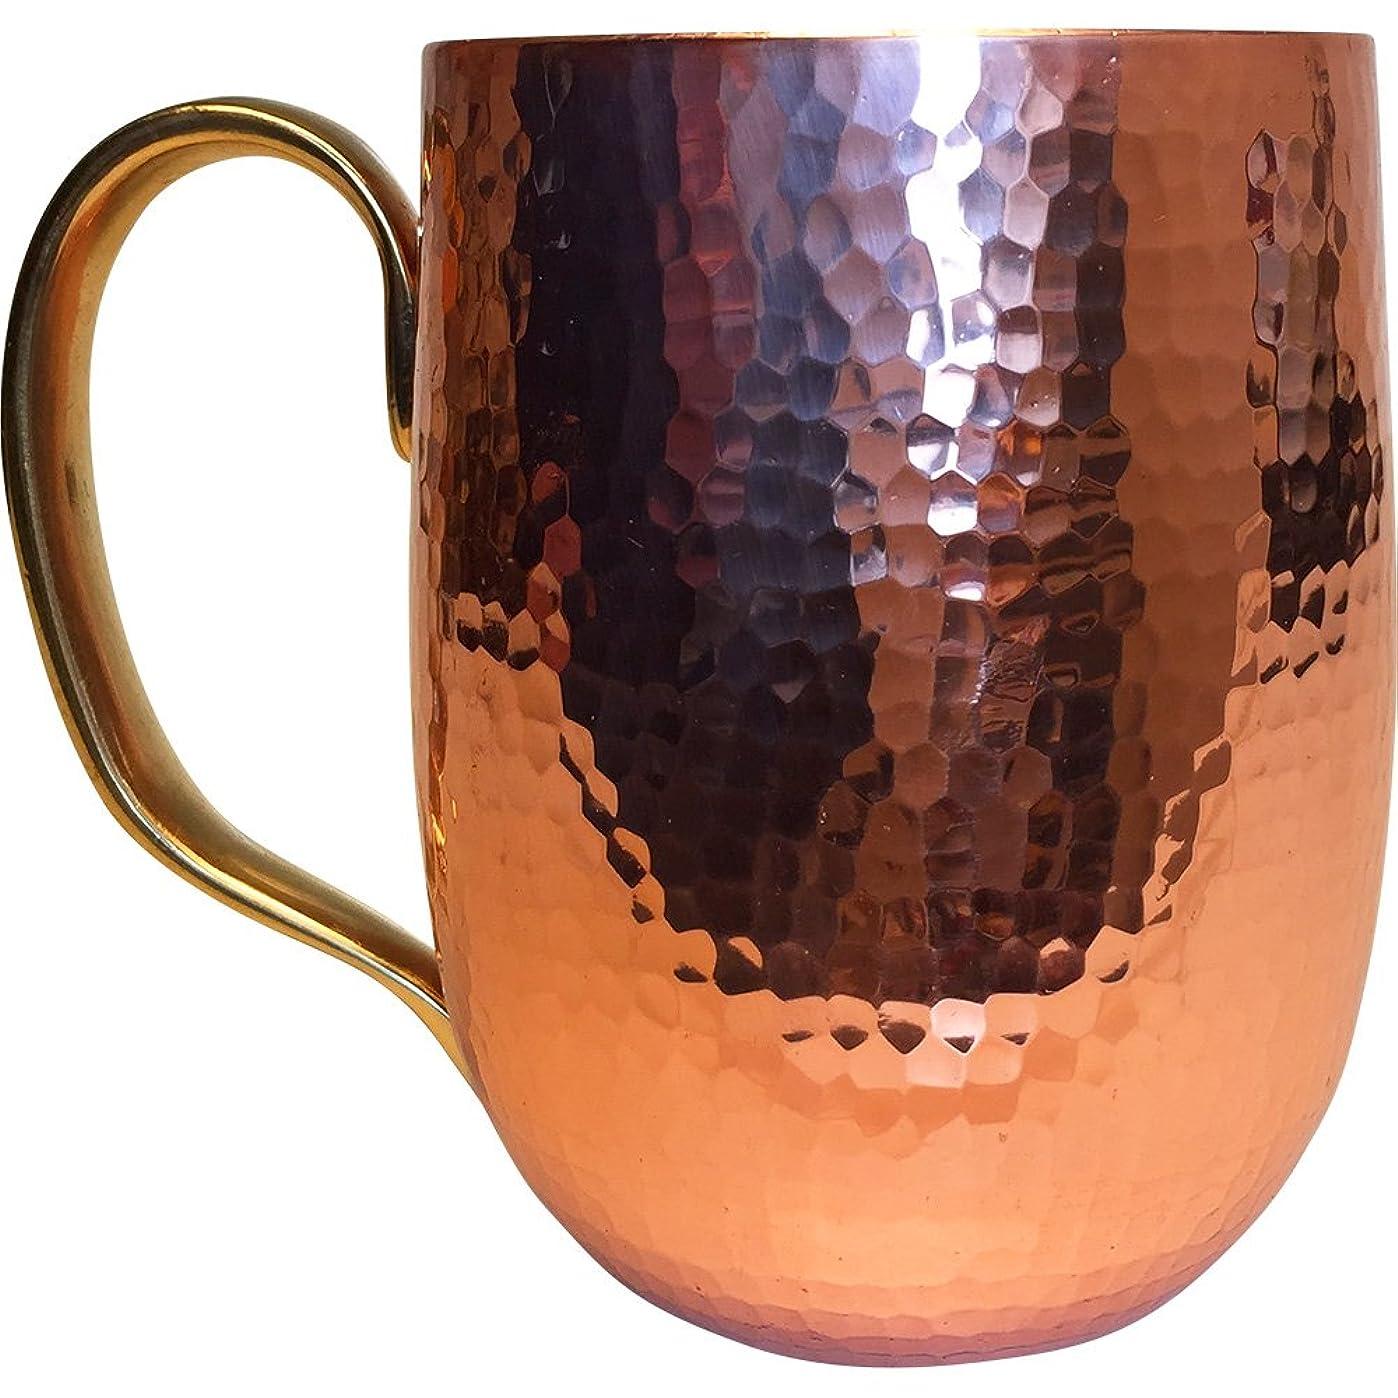 バン虫ハードリング浅草 銅銀銅器店 純銅製 ジョッキ(小) 400cc 職人歴40年の星野さんが作るビアカップ